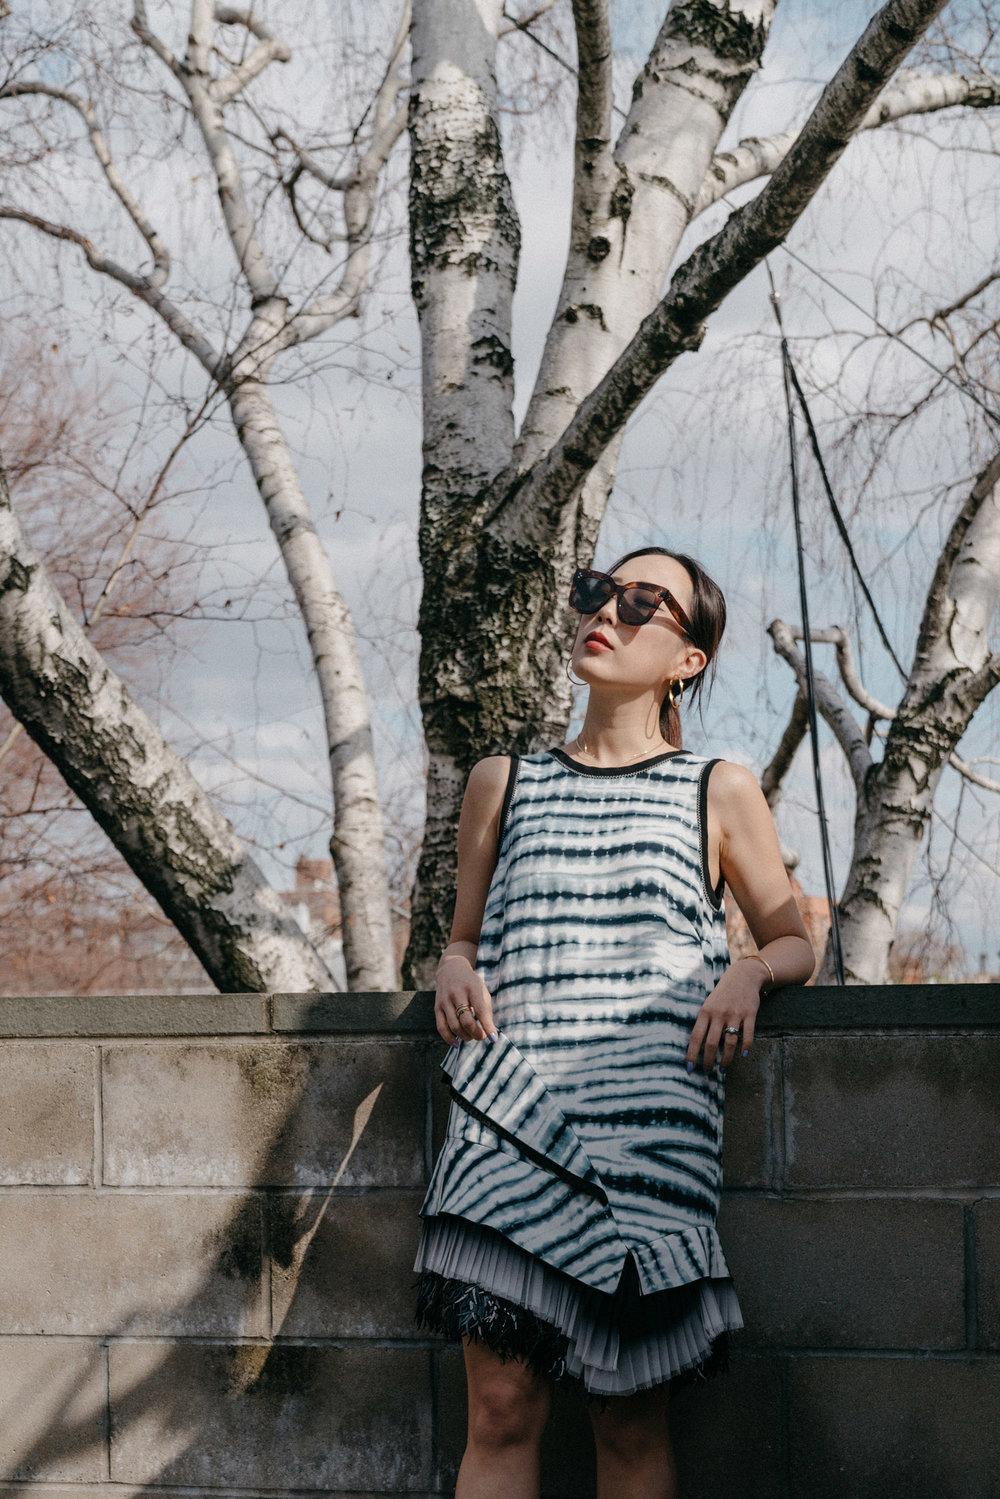 Proenza Schouler Dress , Celine Sunglasses, Celine Earrings